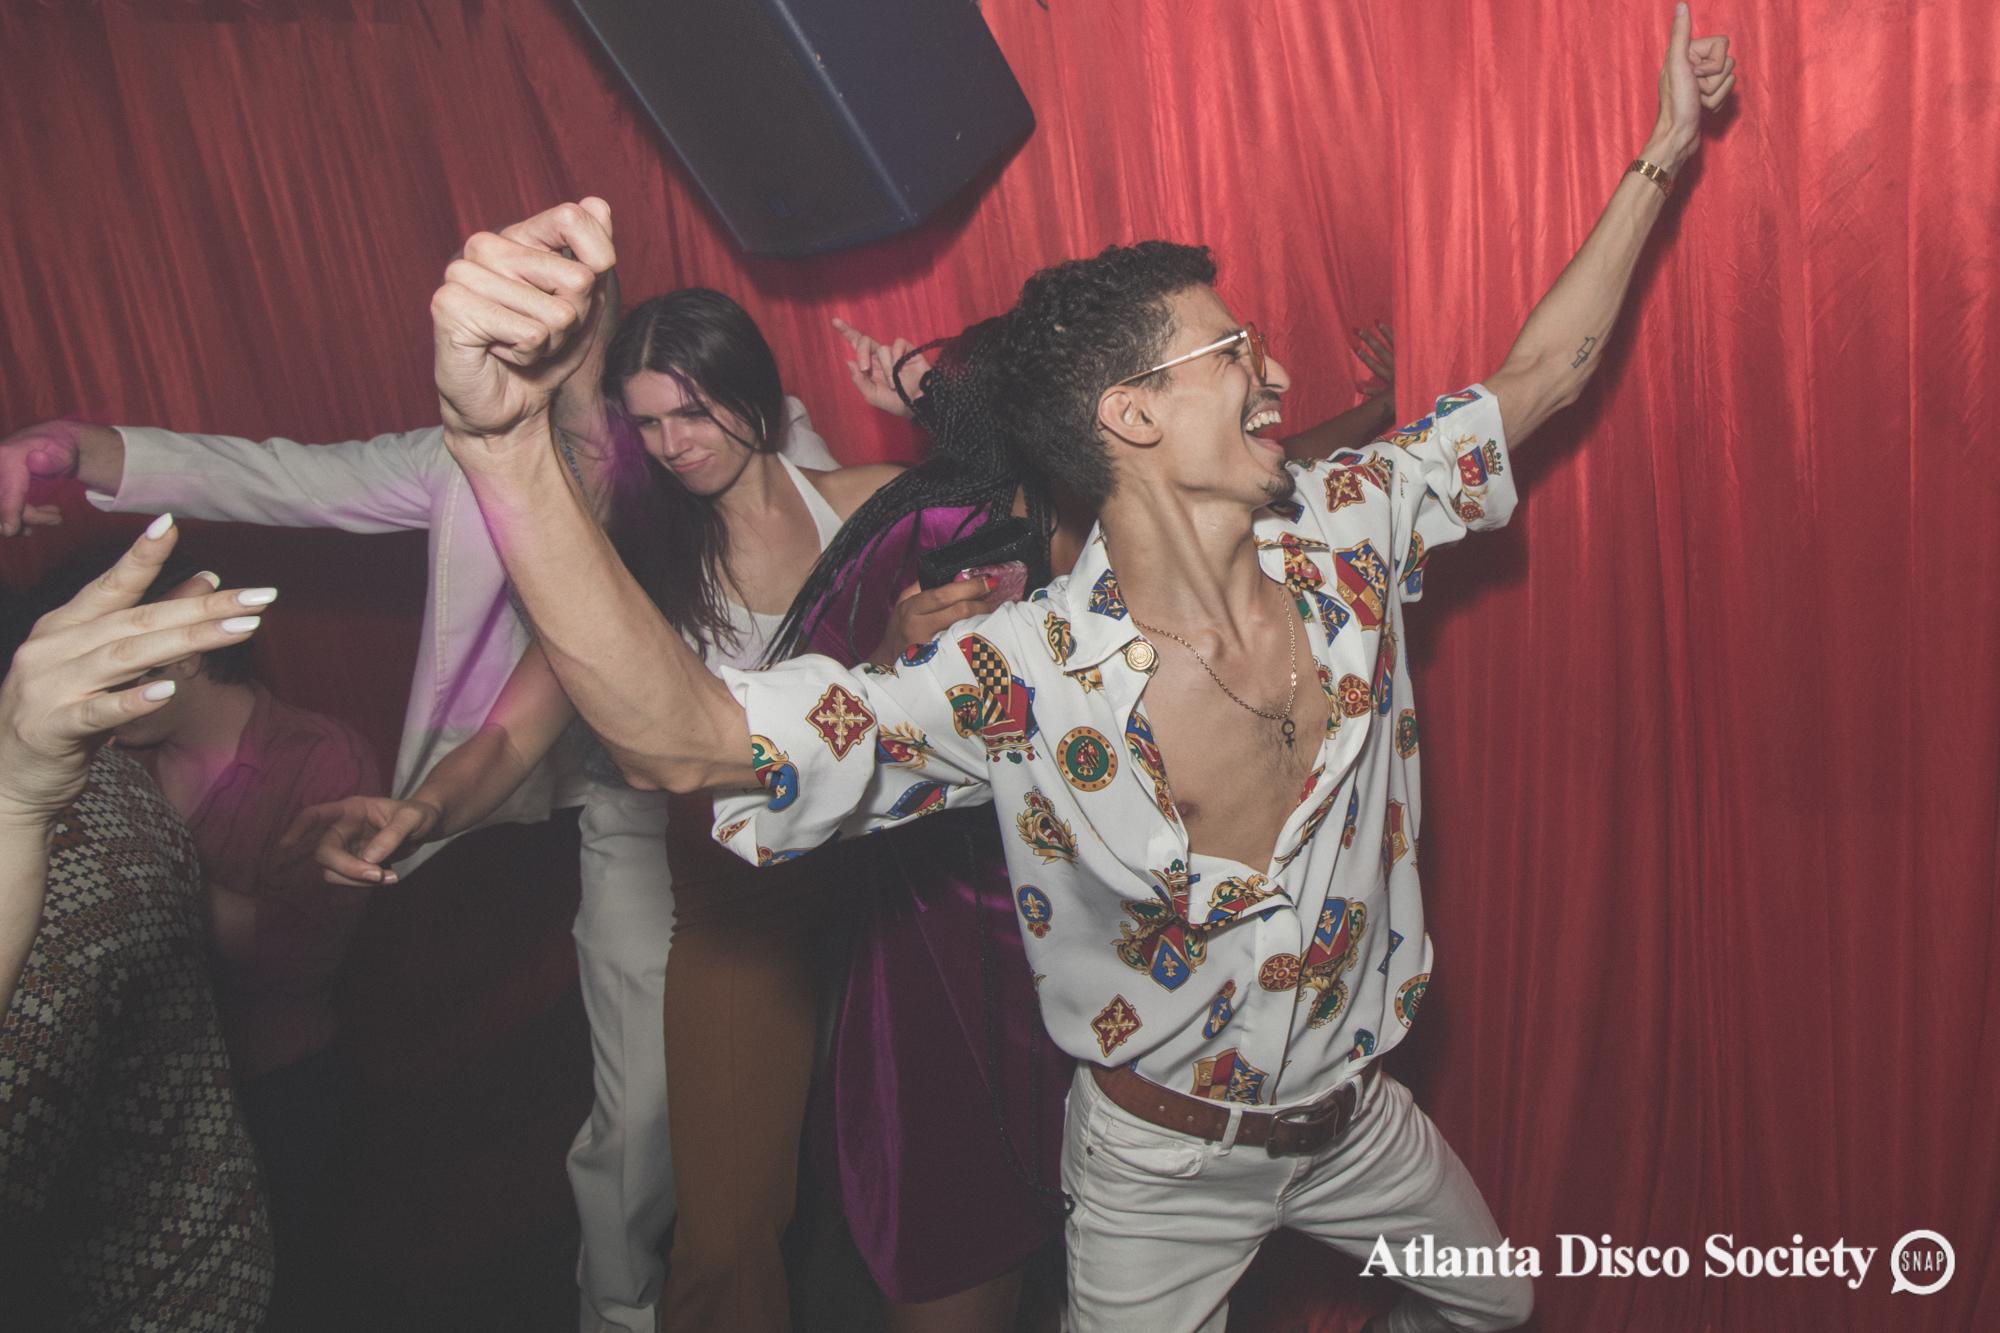 37Atlanta Disco Society Grace Kelly Oh Snap Kid 7.27.19.jpg